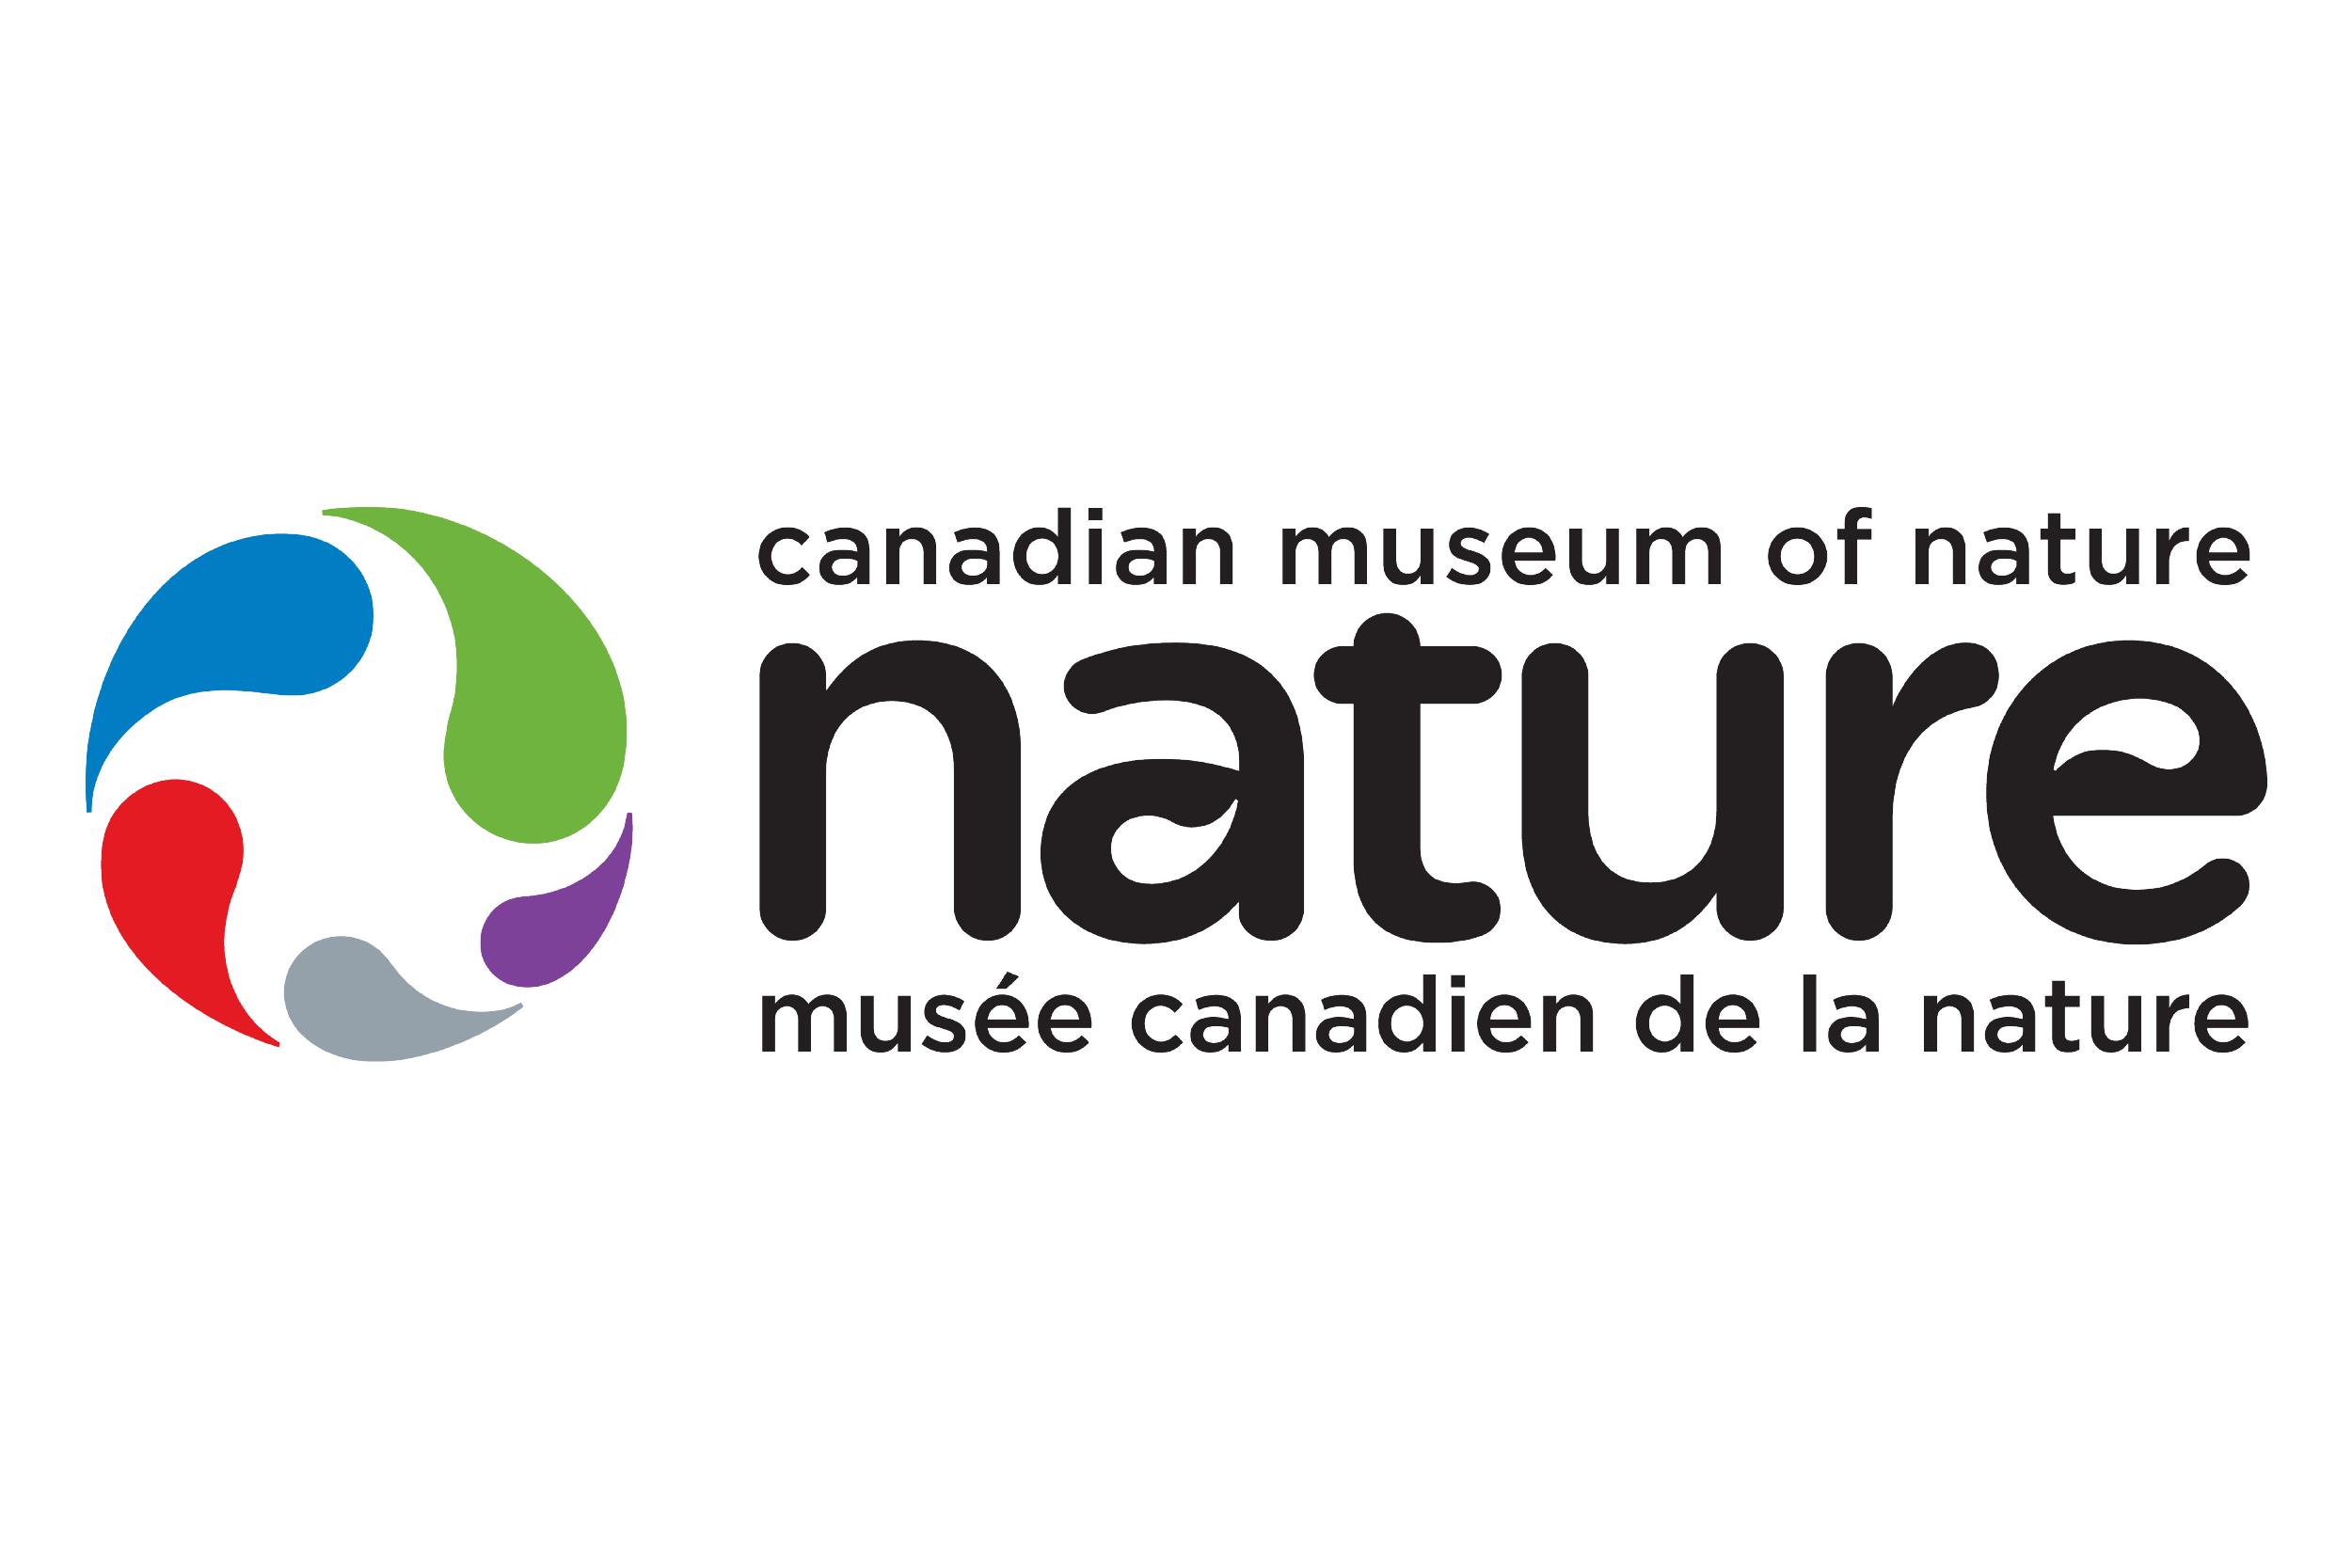 Canadian Museum of Nature (Musée Canadien de la nature)